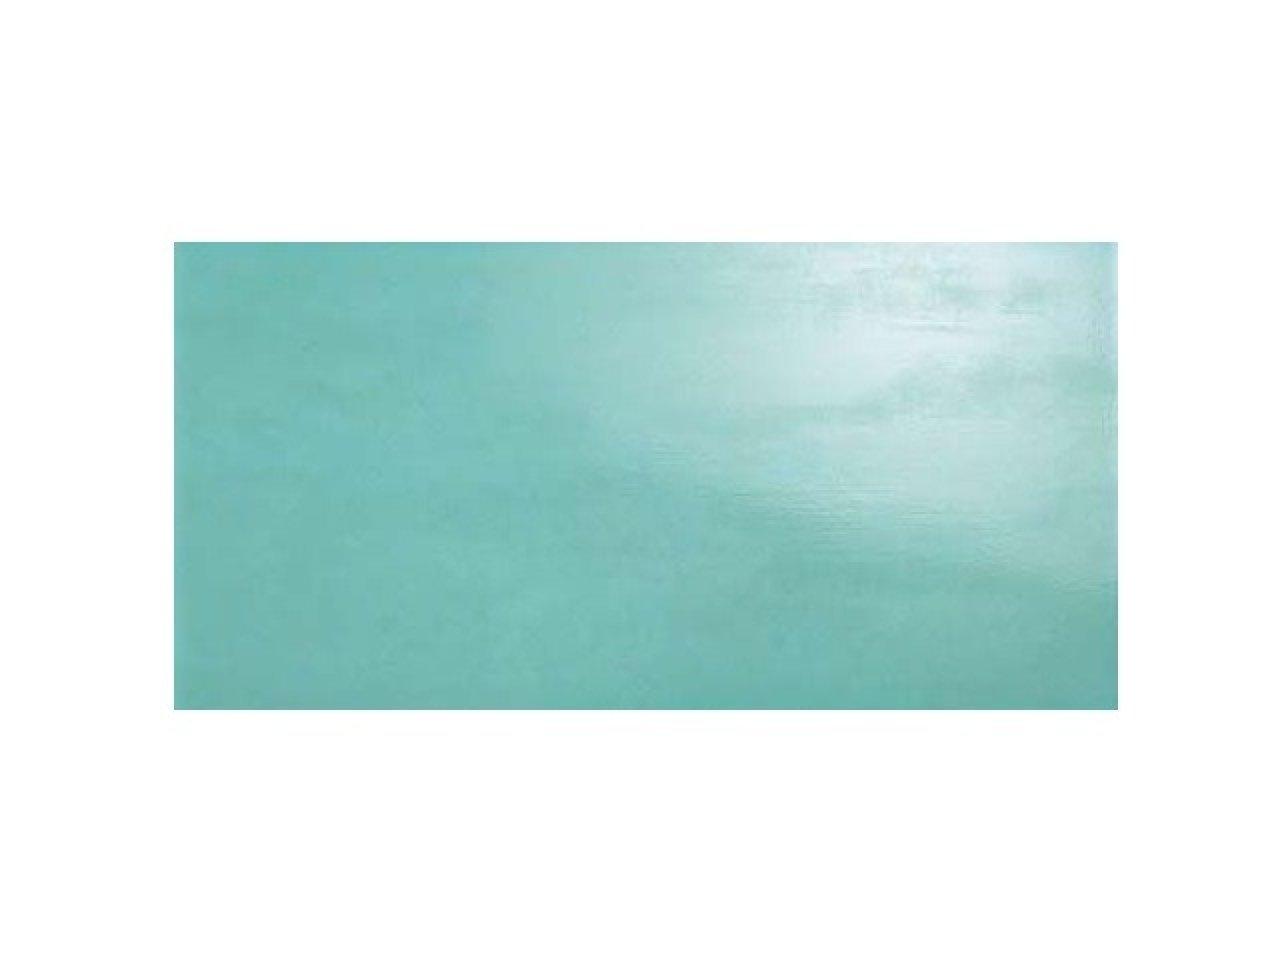 Настенная плитка Dwell Turquoise 40x80